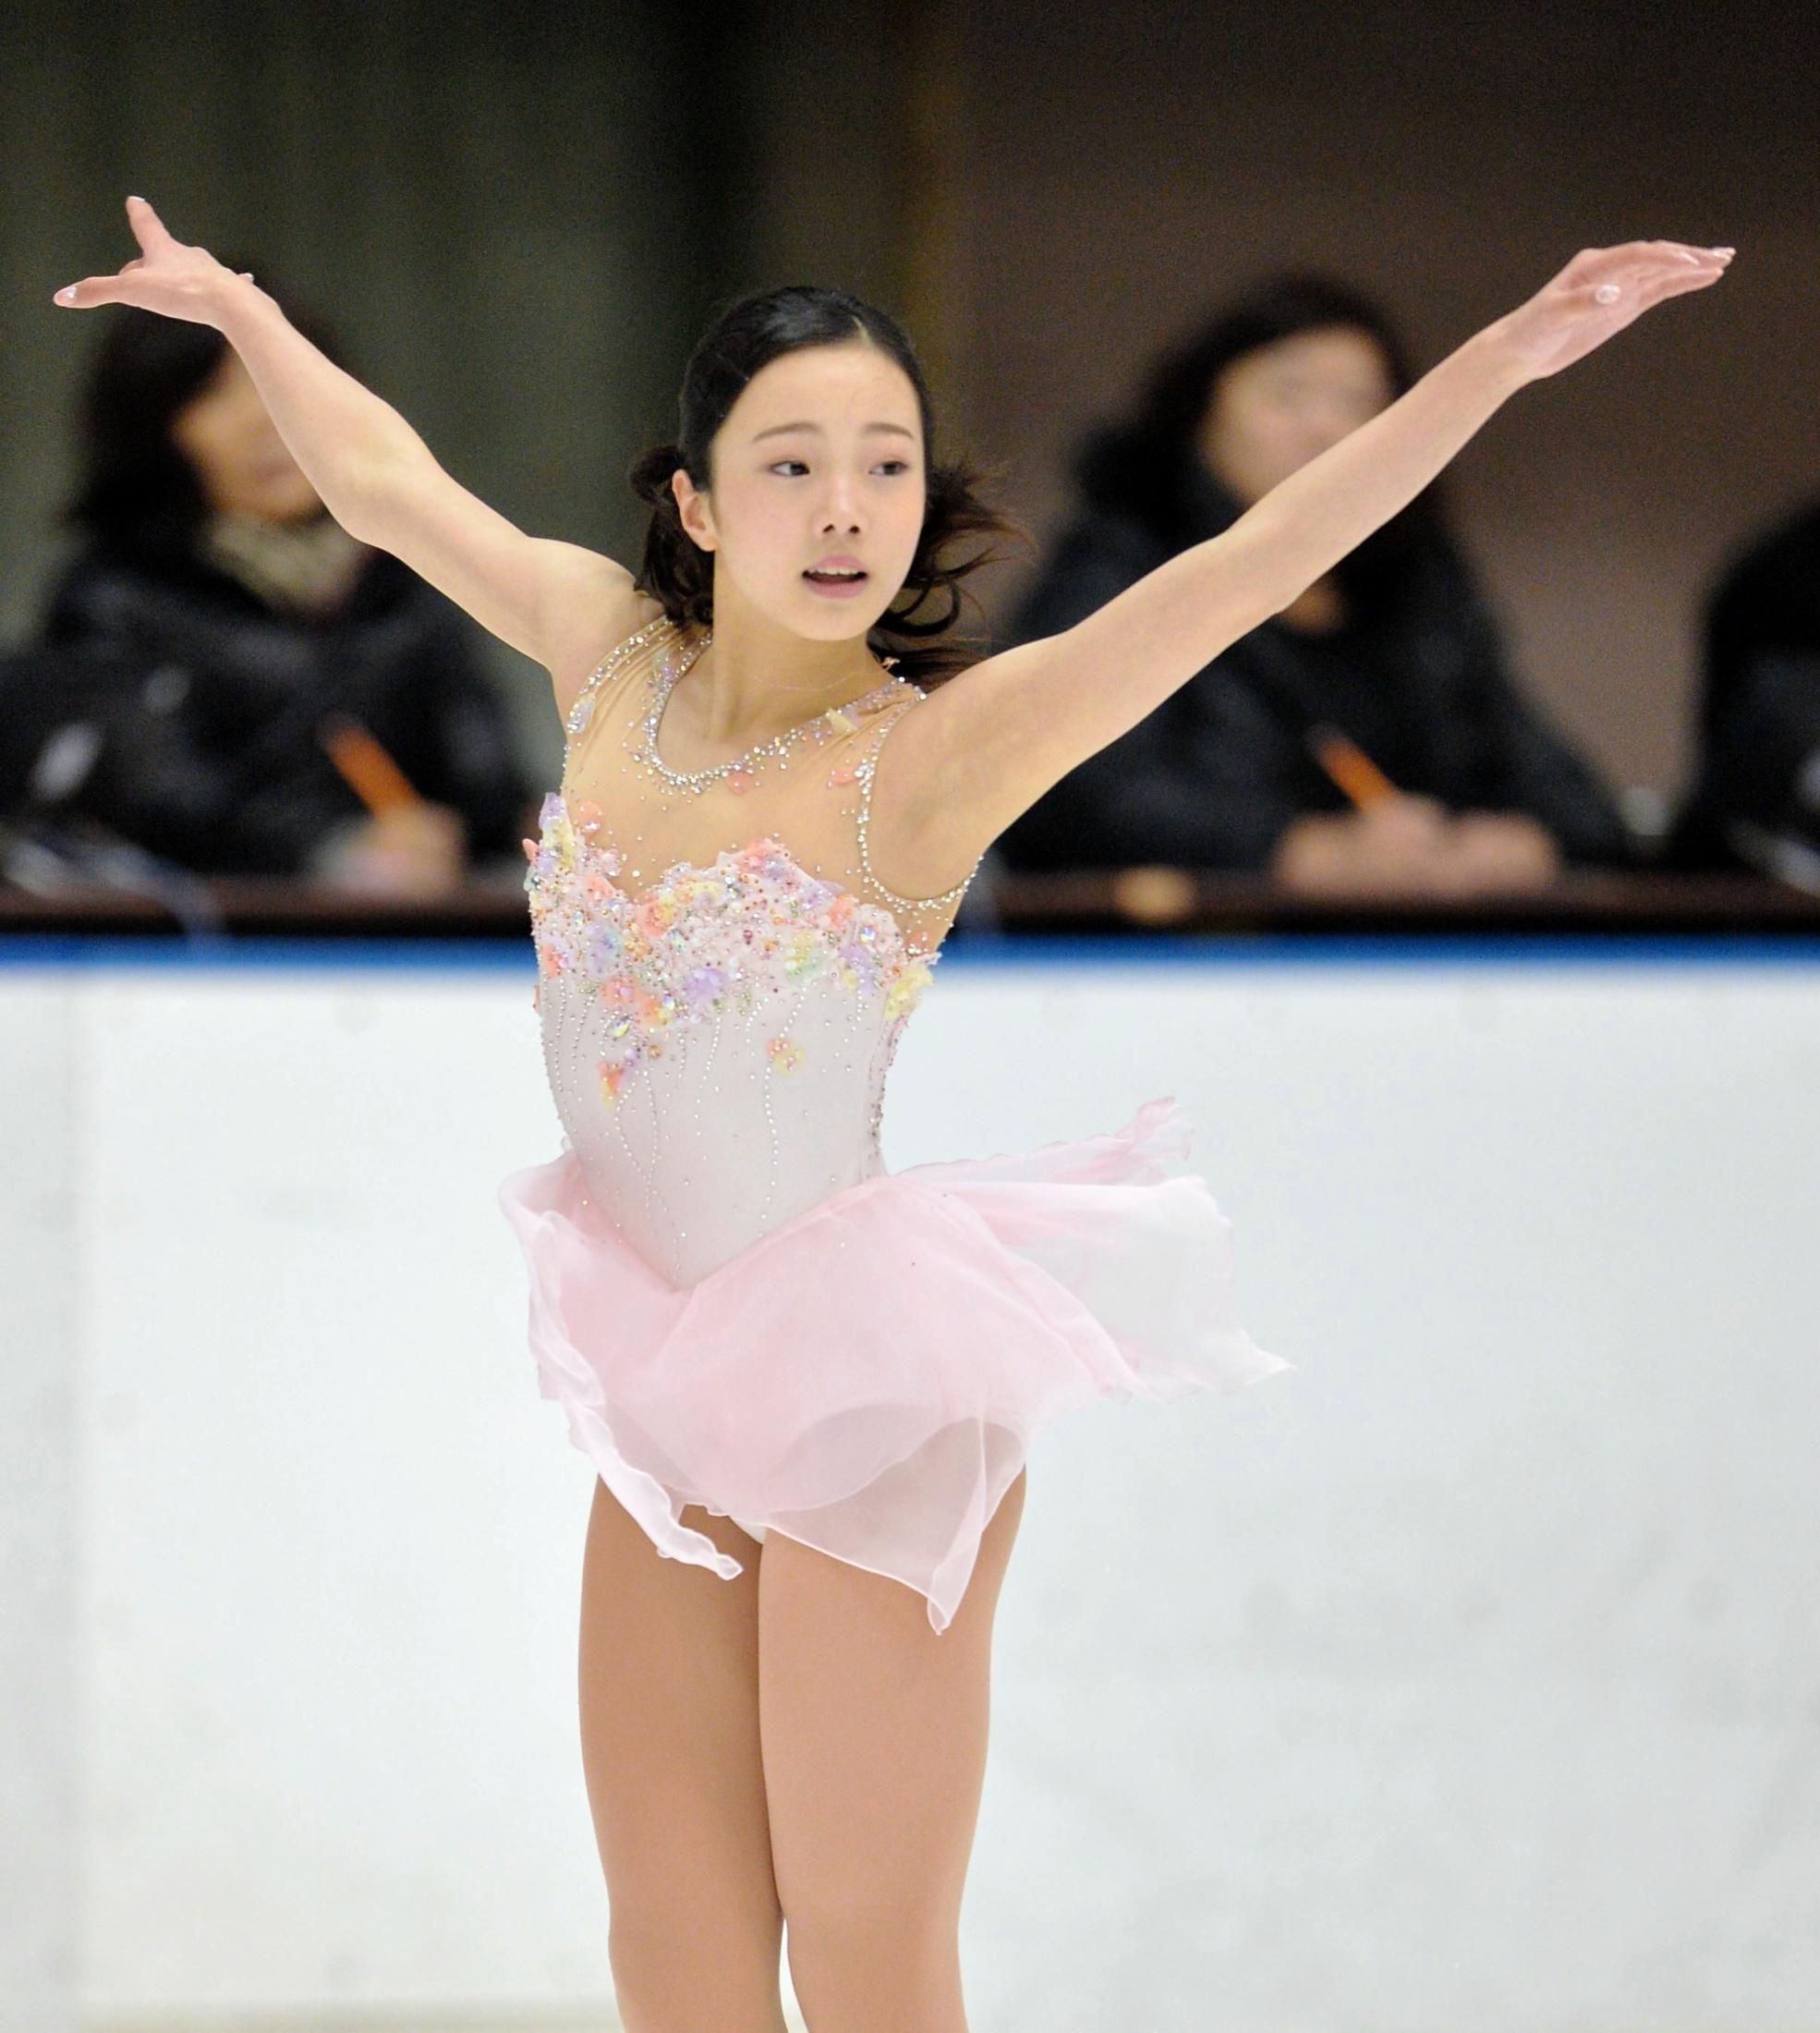 本田真凜はSP2位 坂本花織の得点に「すごっ!